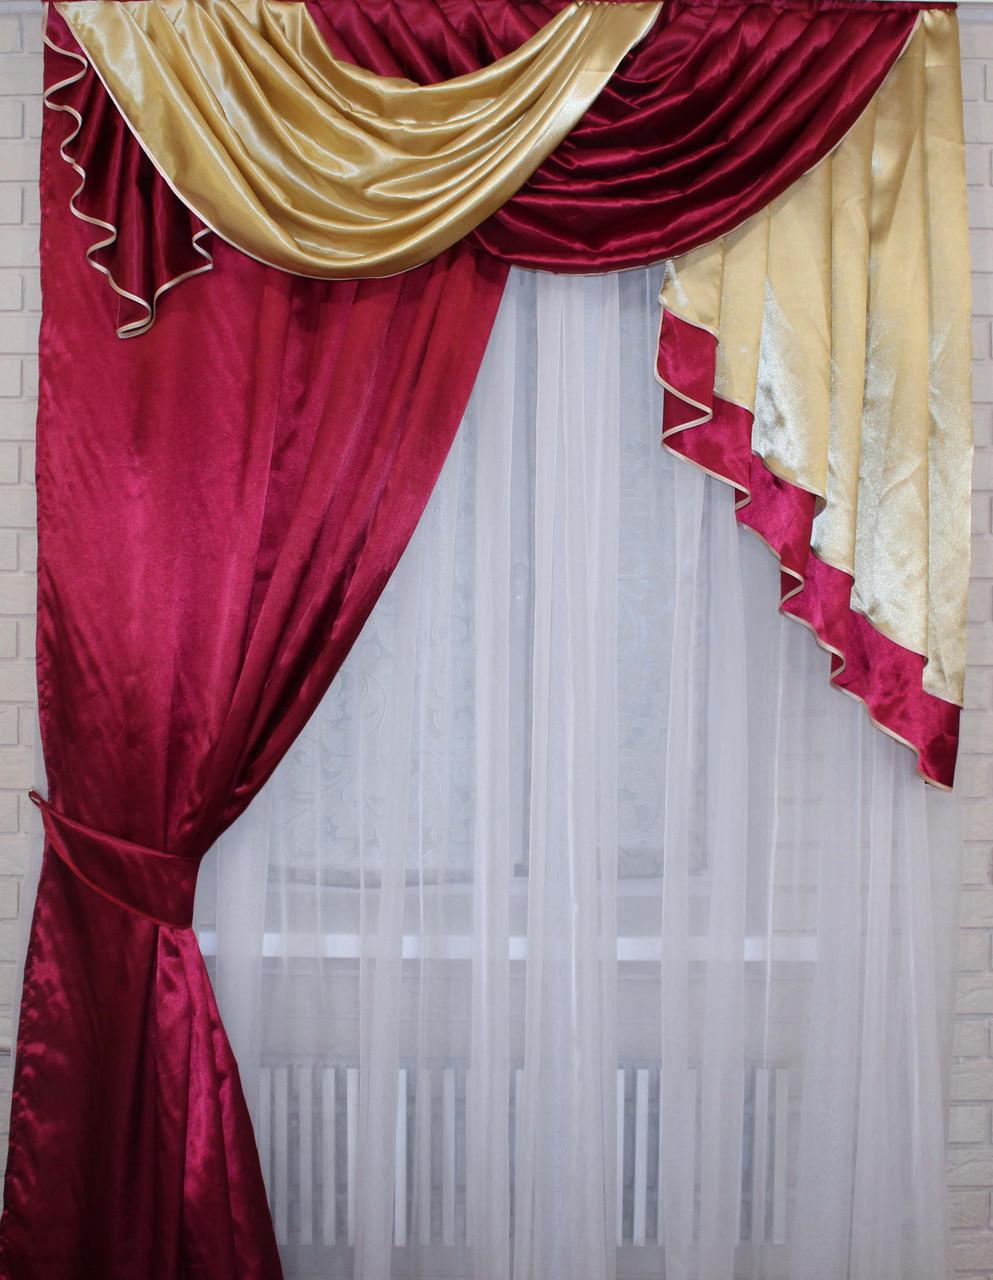 Ламбрекен на карниз 1.5м. со шторкой.  Модель №81 Цвет бордовый с золотистым